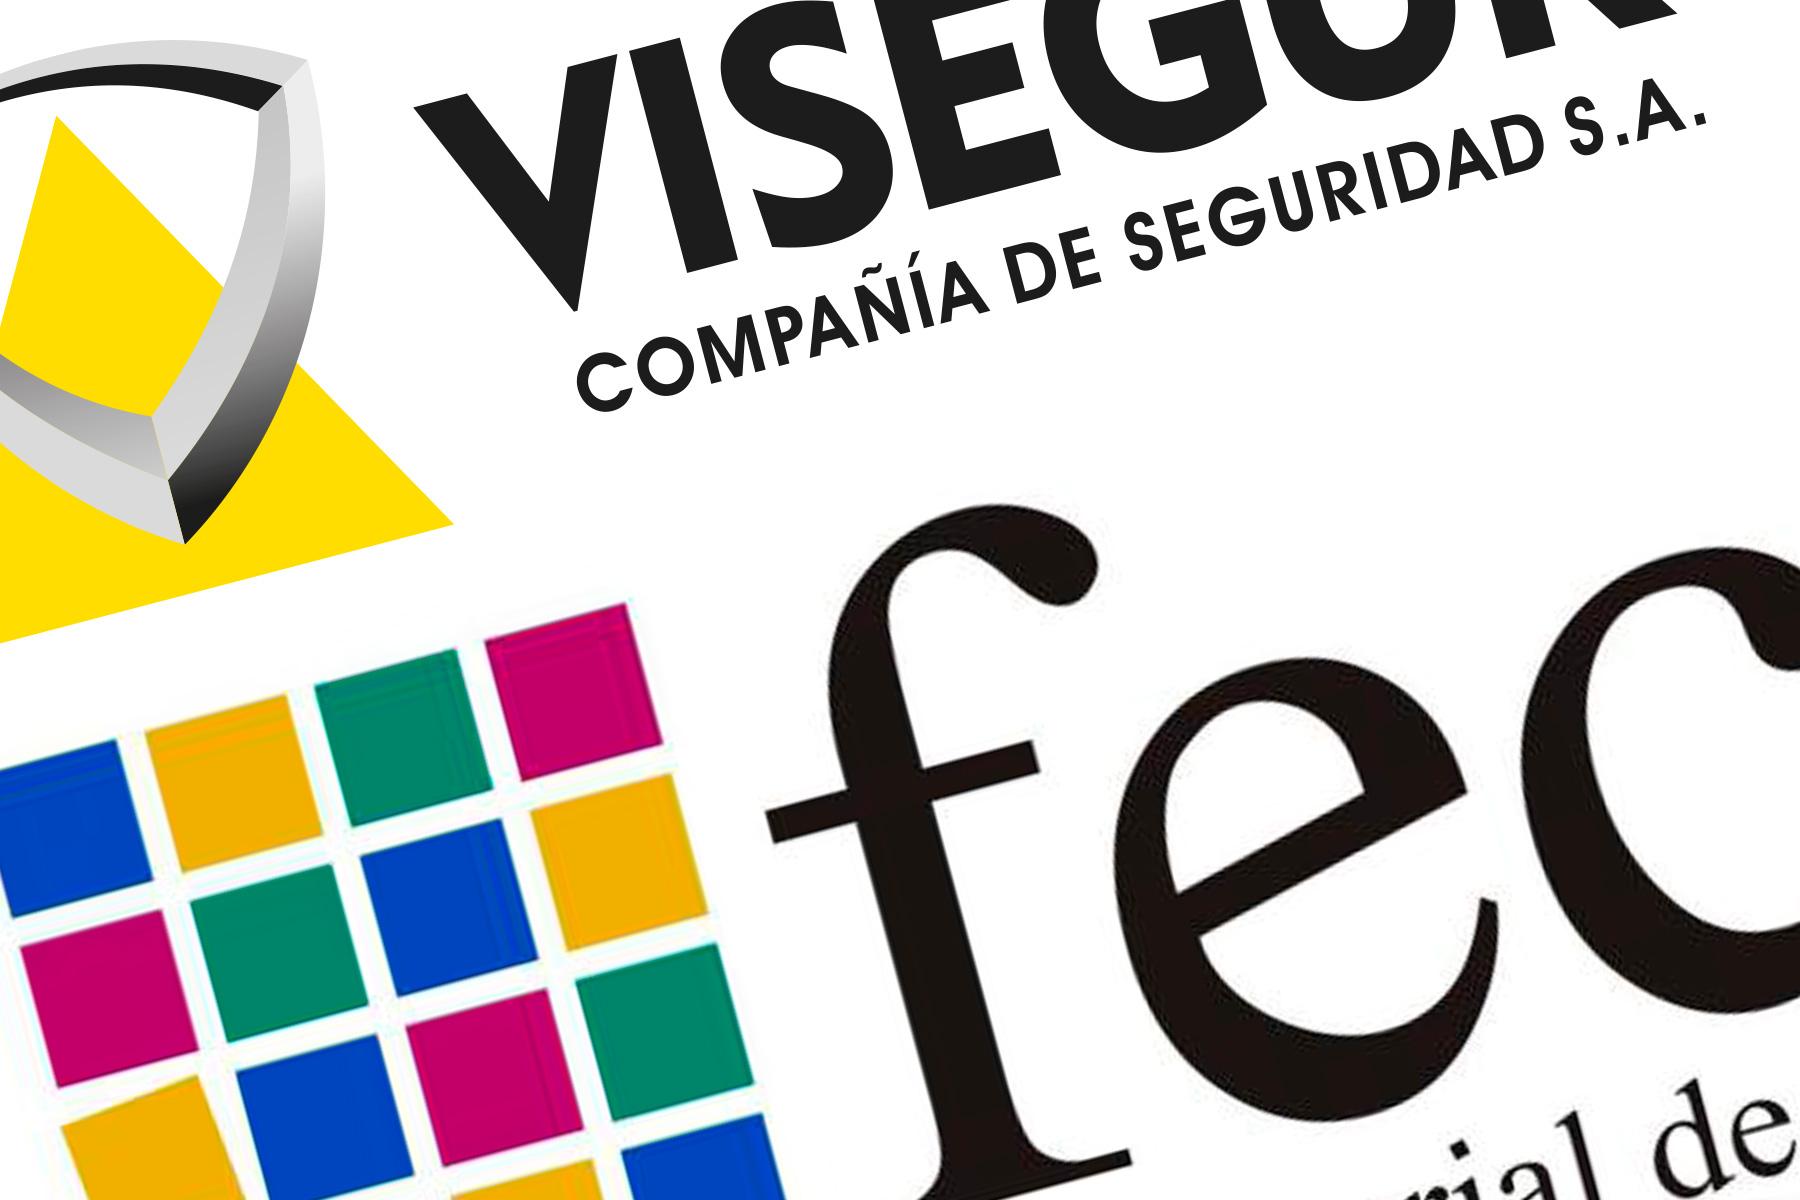 FECIR y Visegur renuevan su acuerdo sobre servicios de seguridad en Ciudad Real para empresas